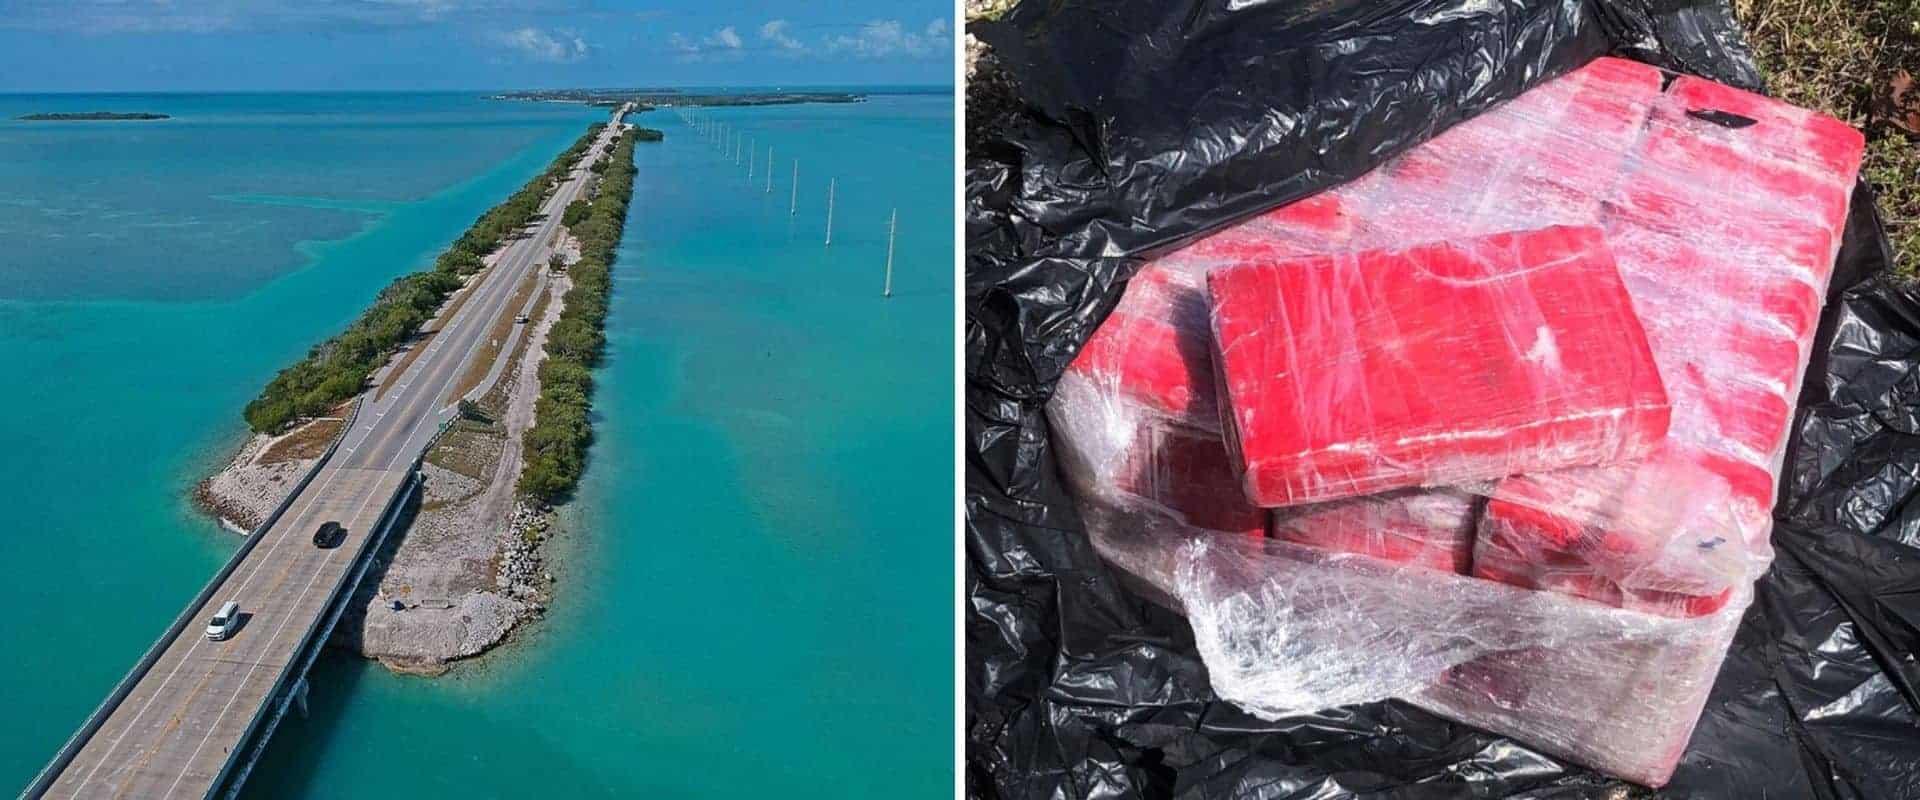 Paquetes de cocaína y marihuana han estado apareciendo en las playas de las costas de Florida